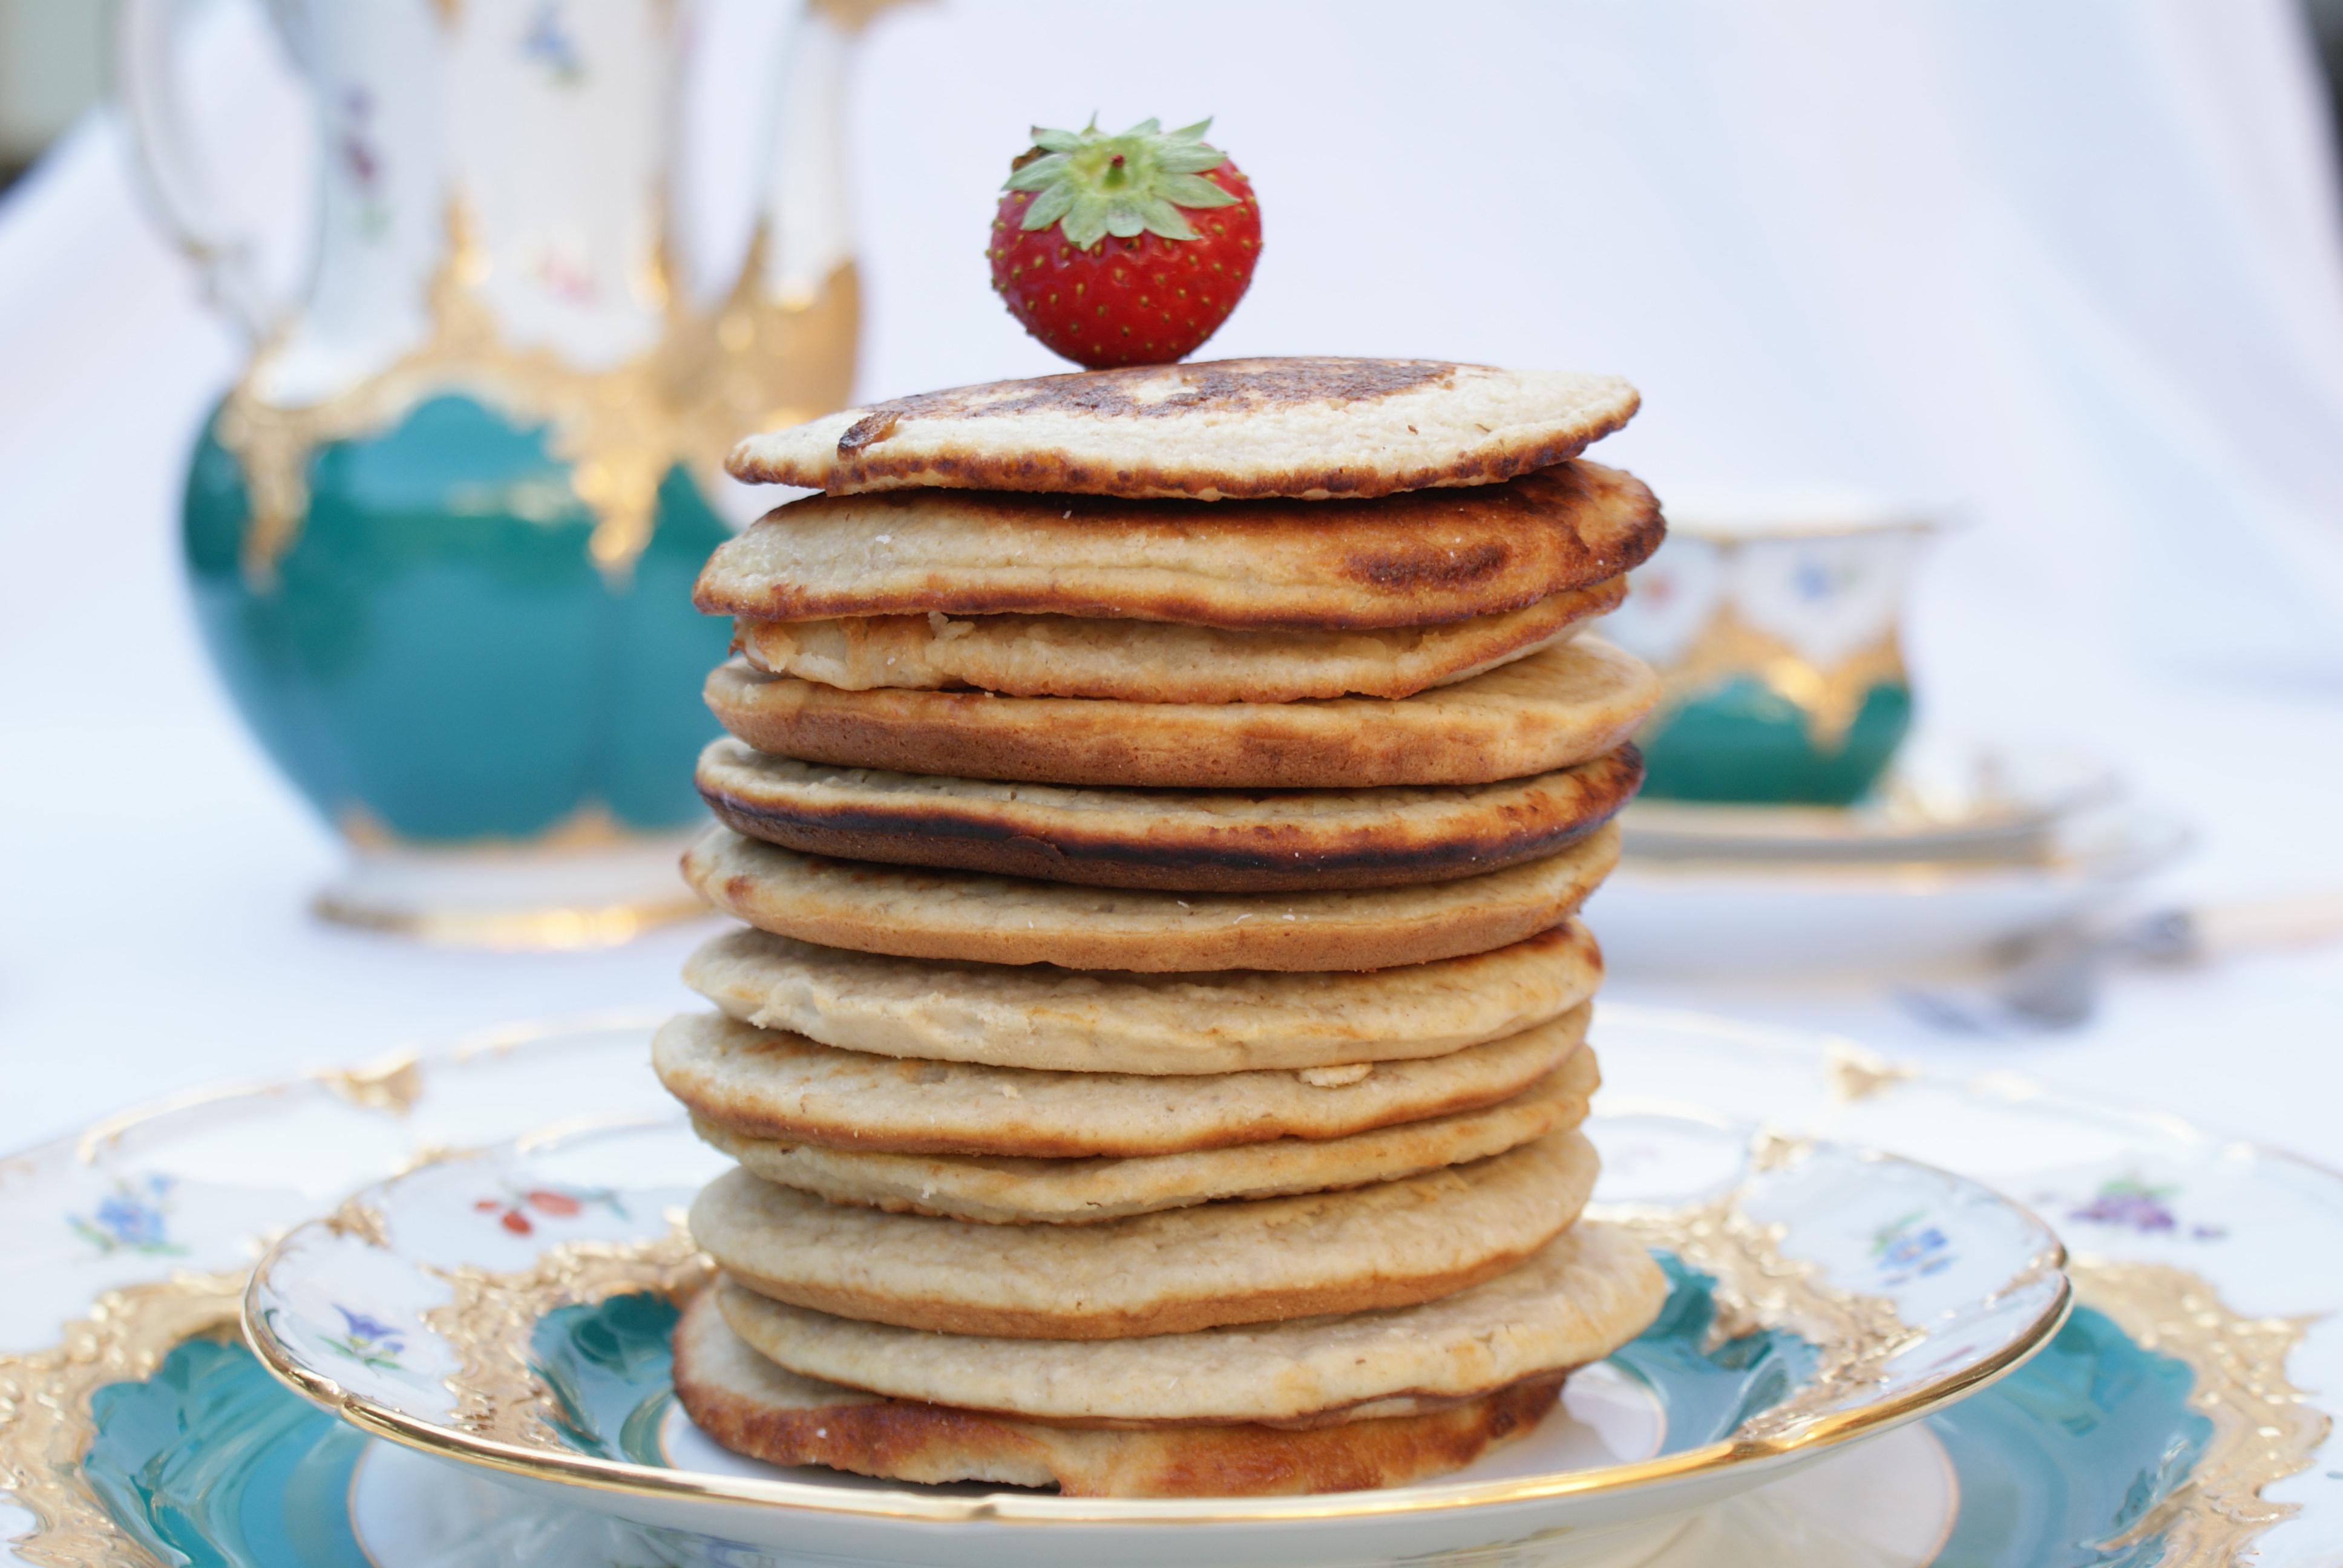 pannenkoeken - pancakes